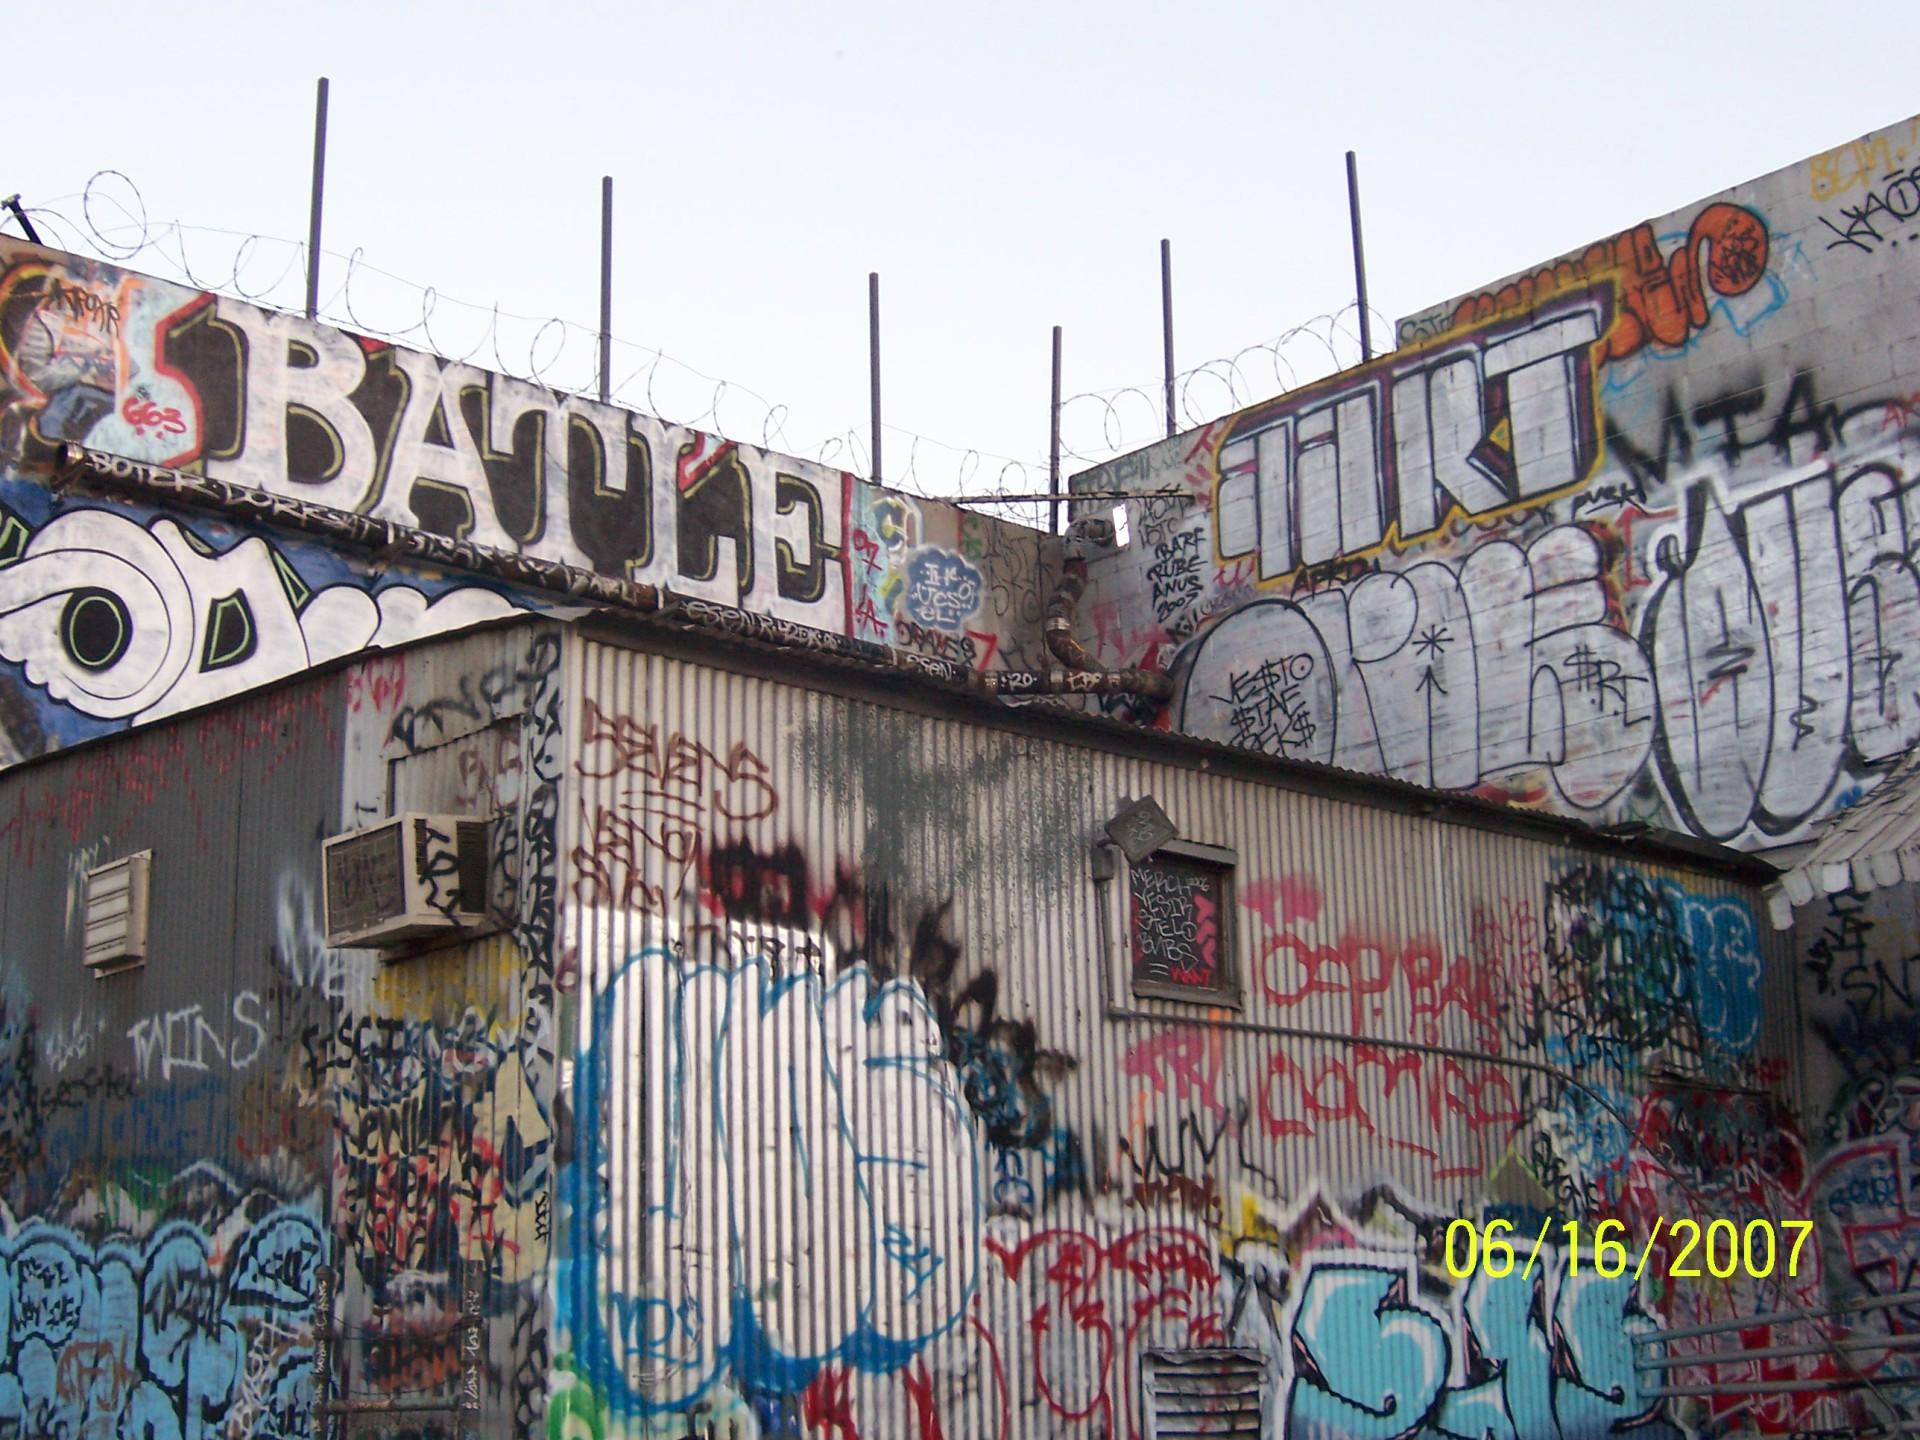 Batle2